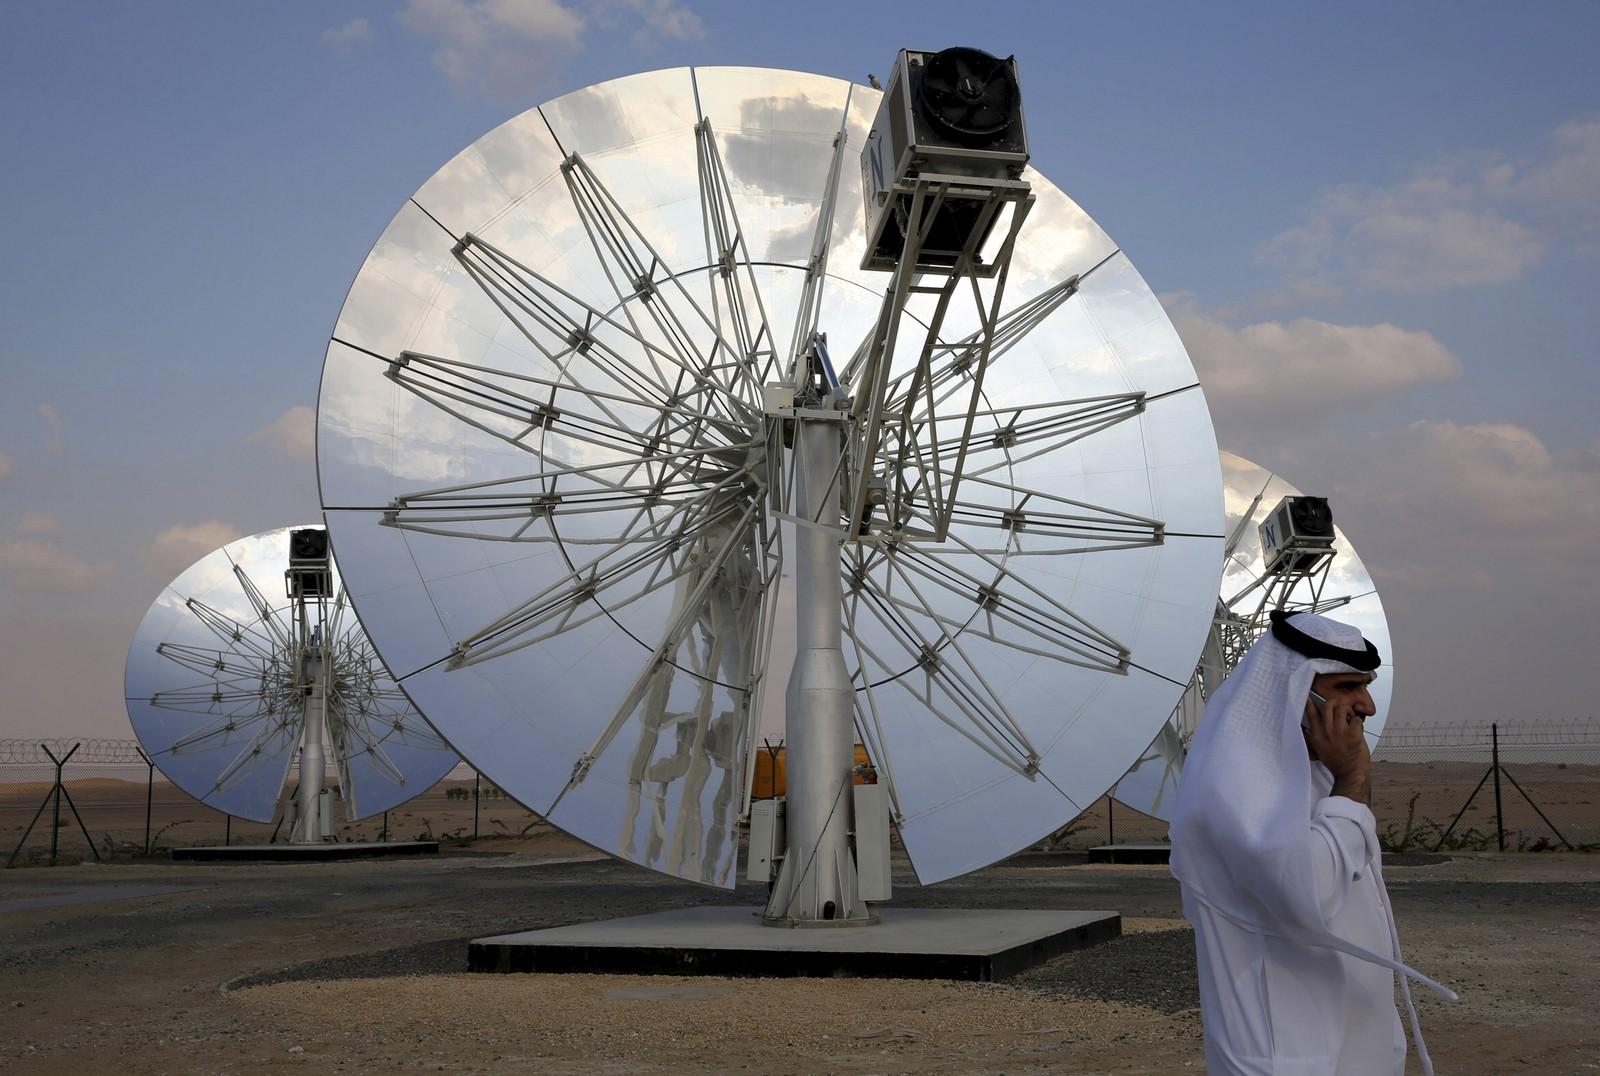 Myndighetene i UAE, har bestemt at Emiratene skal bruke milliarder av dollar på ren energi, slik som disse solcelle-panelene, plassert i Dubai. Innen 2030 skal alle bygninger i byen, som ligger i et av verdens varmeste områder, ha solceller på taket.